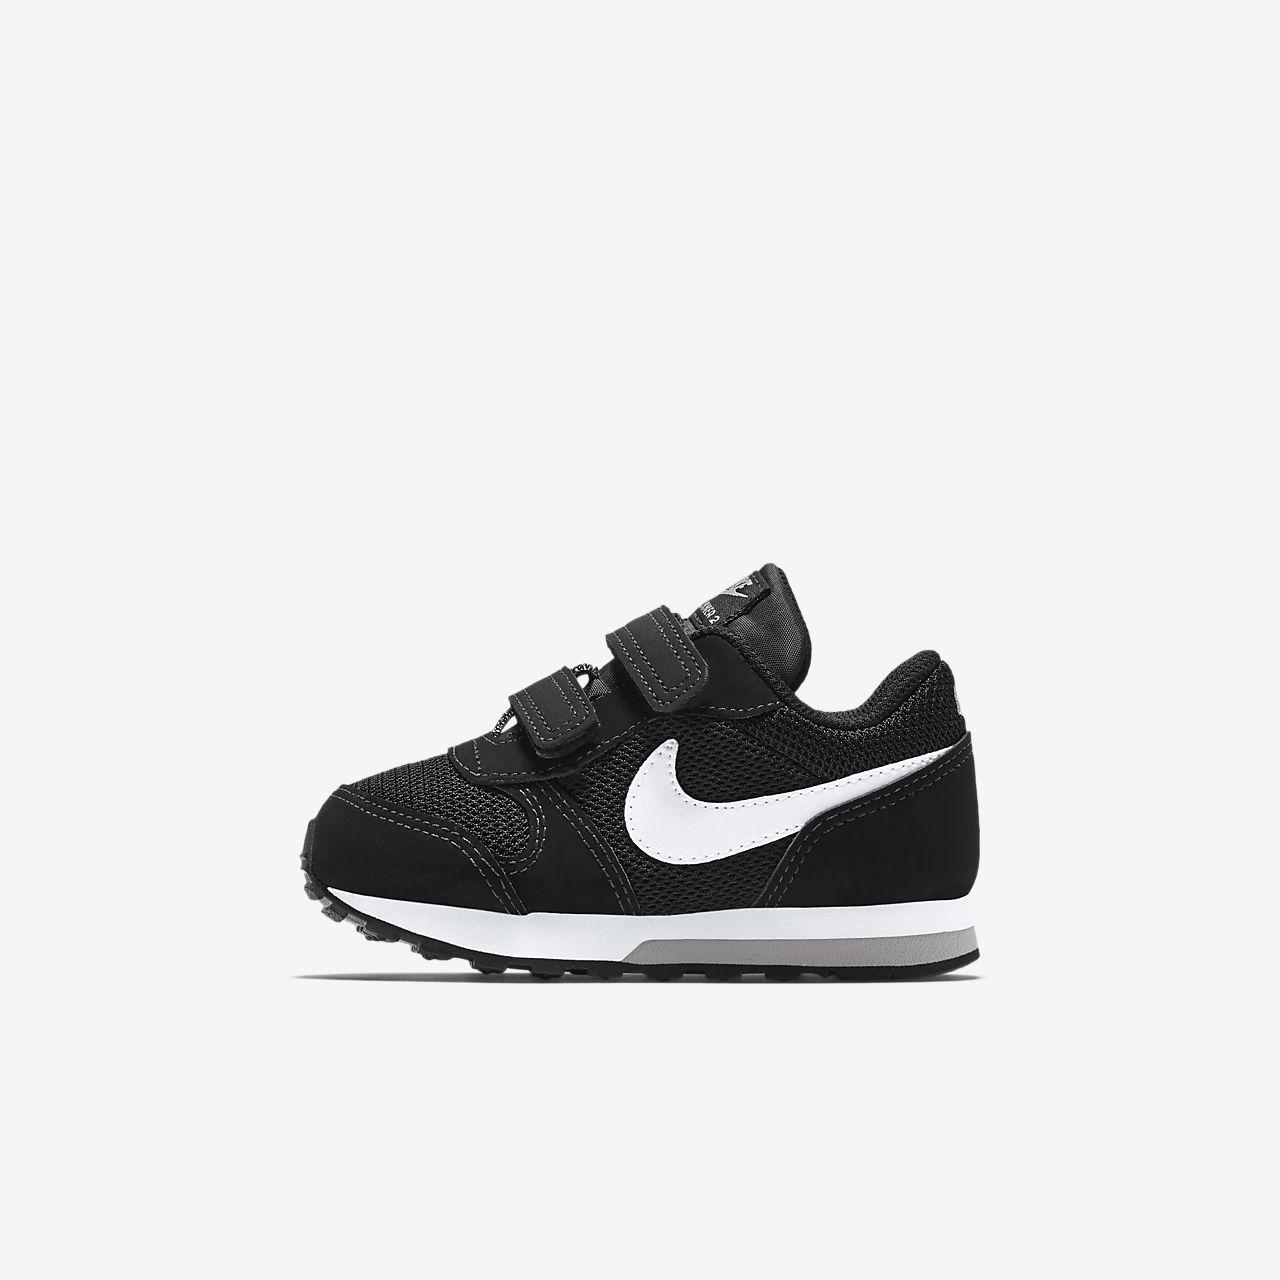 Chaussure Nike MD Runner 2 pour BébéPetit enfant